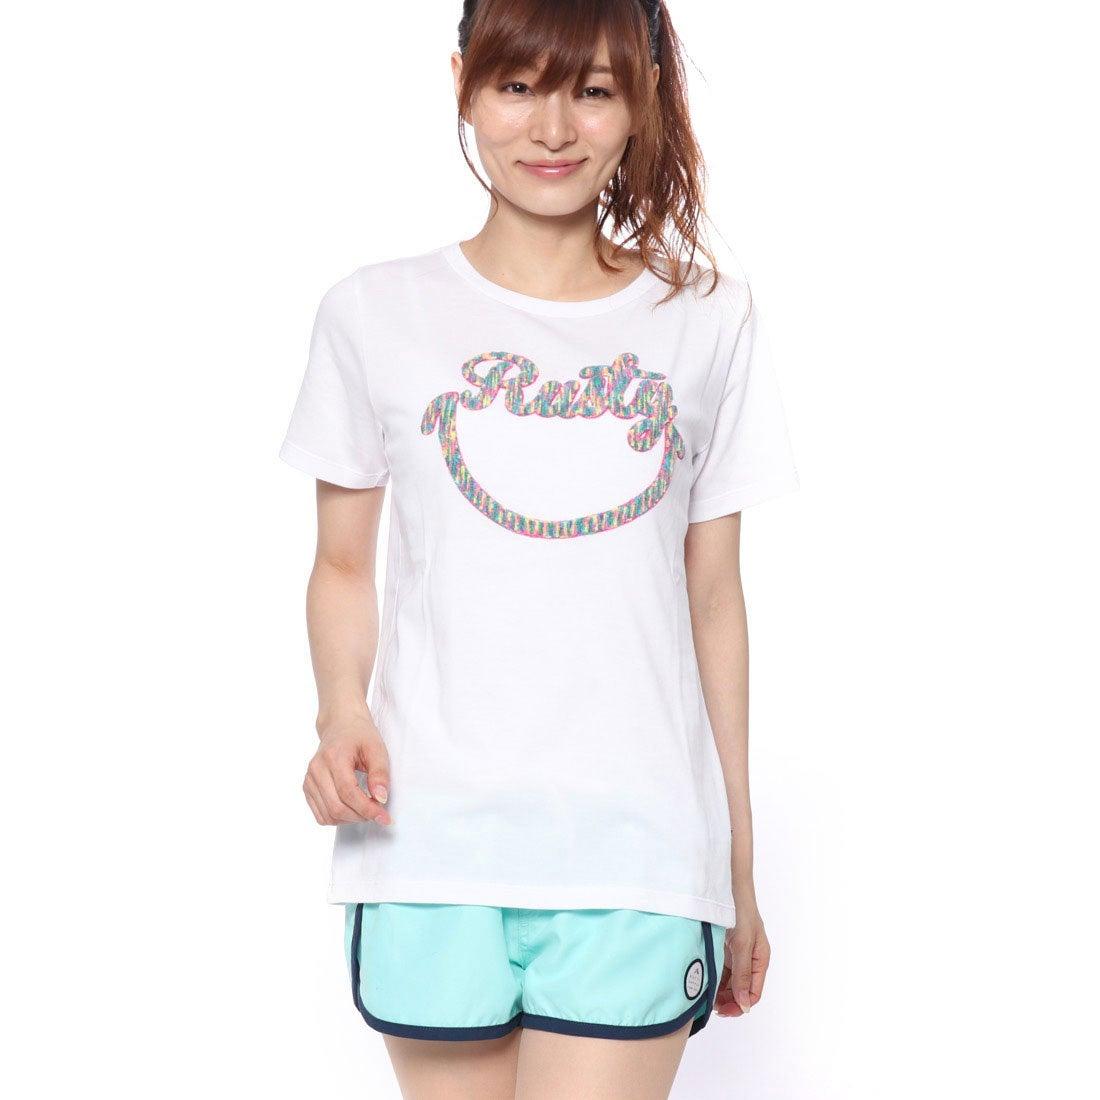 ラスティRUSTYレディスTシャツ(WHT)